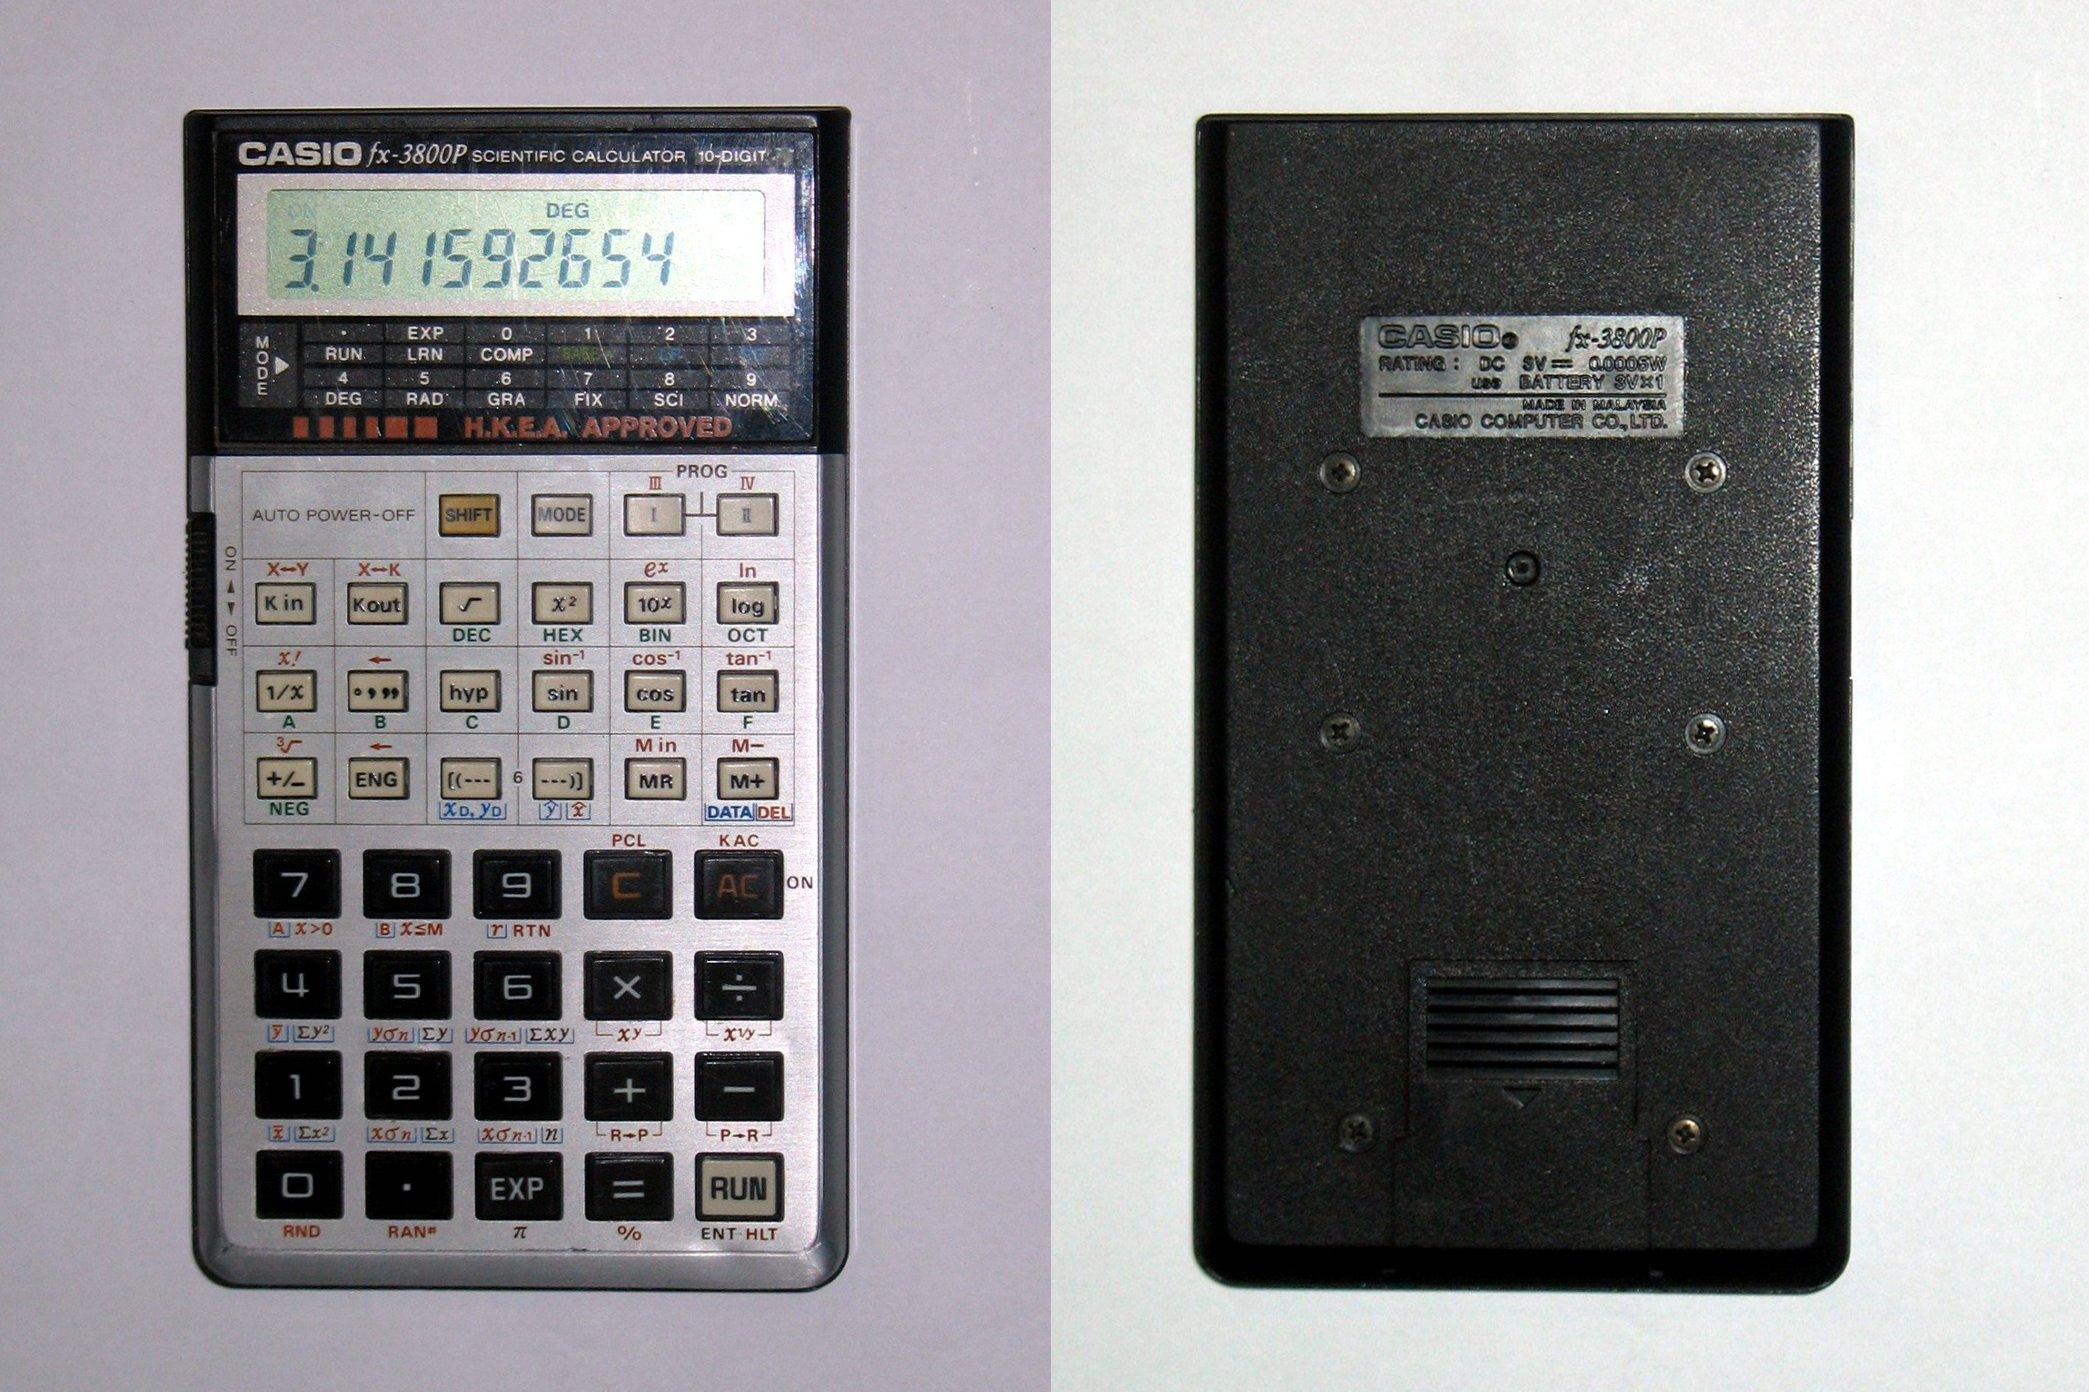 File:Casio fx-3800P.JPG